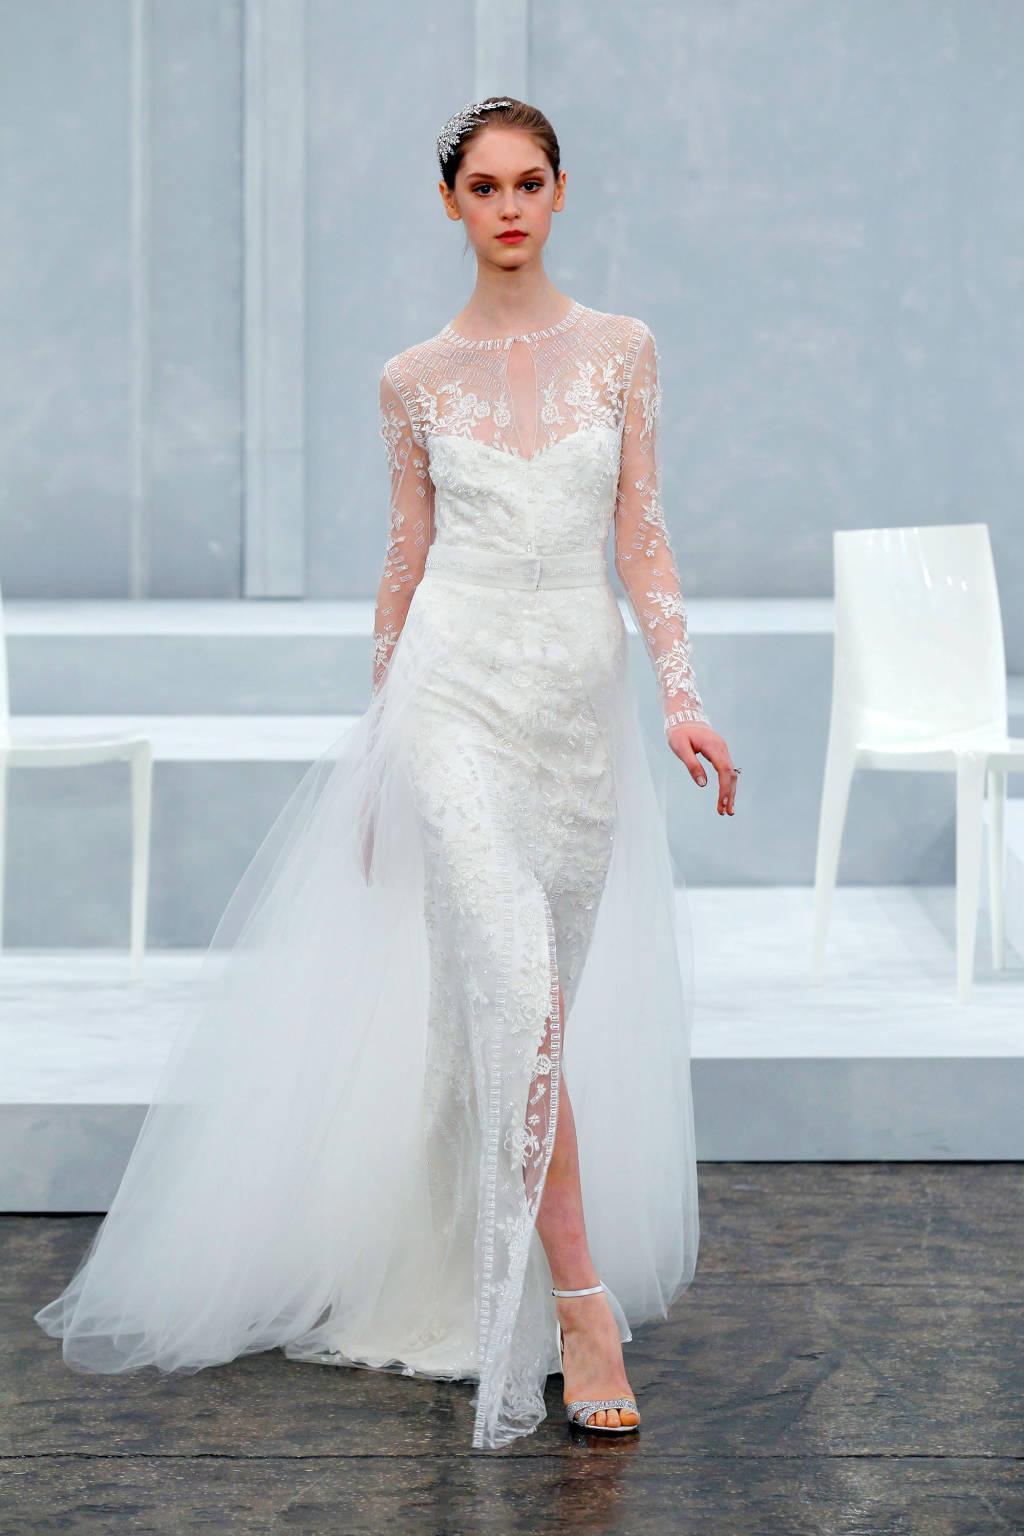 Trong khi đó, phần thân váy hai lớp chất liệu voan mỏng là sức quyến rũ chủ yếu của mẫu thiết kế này.